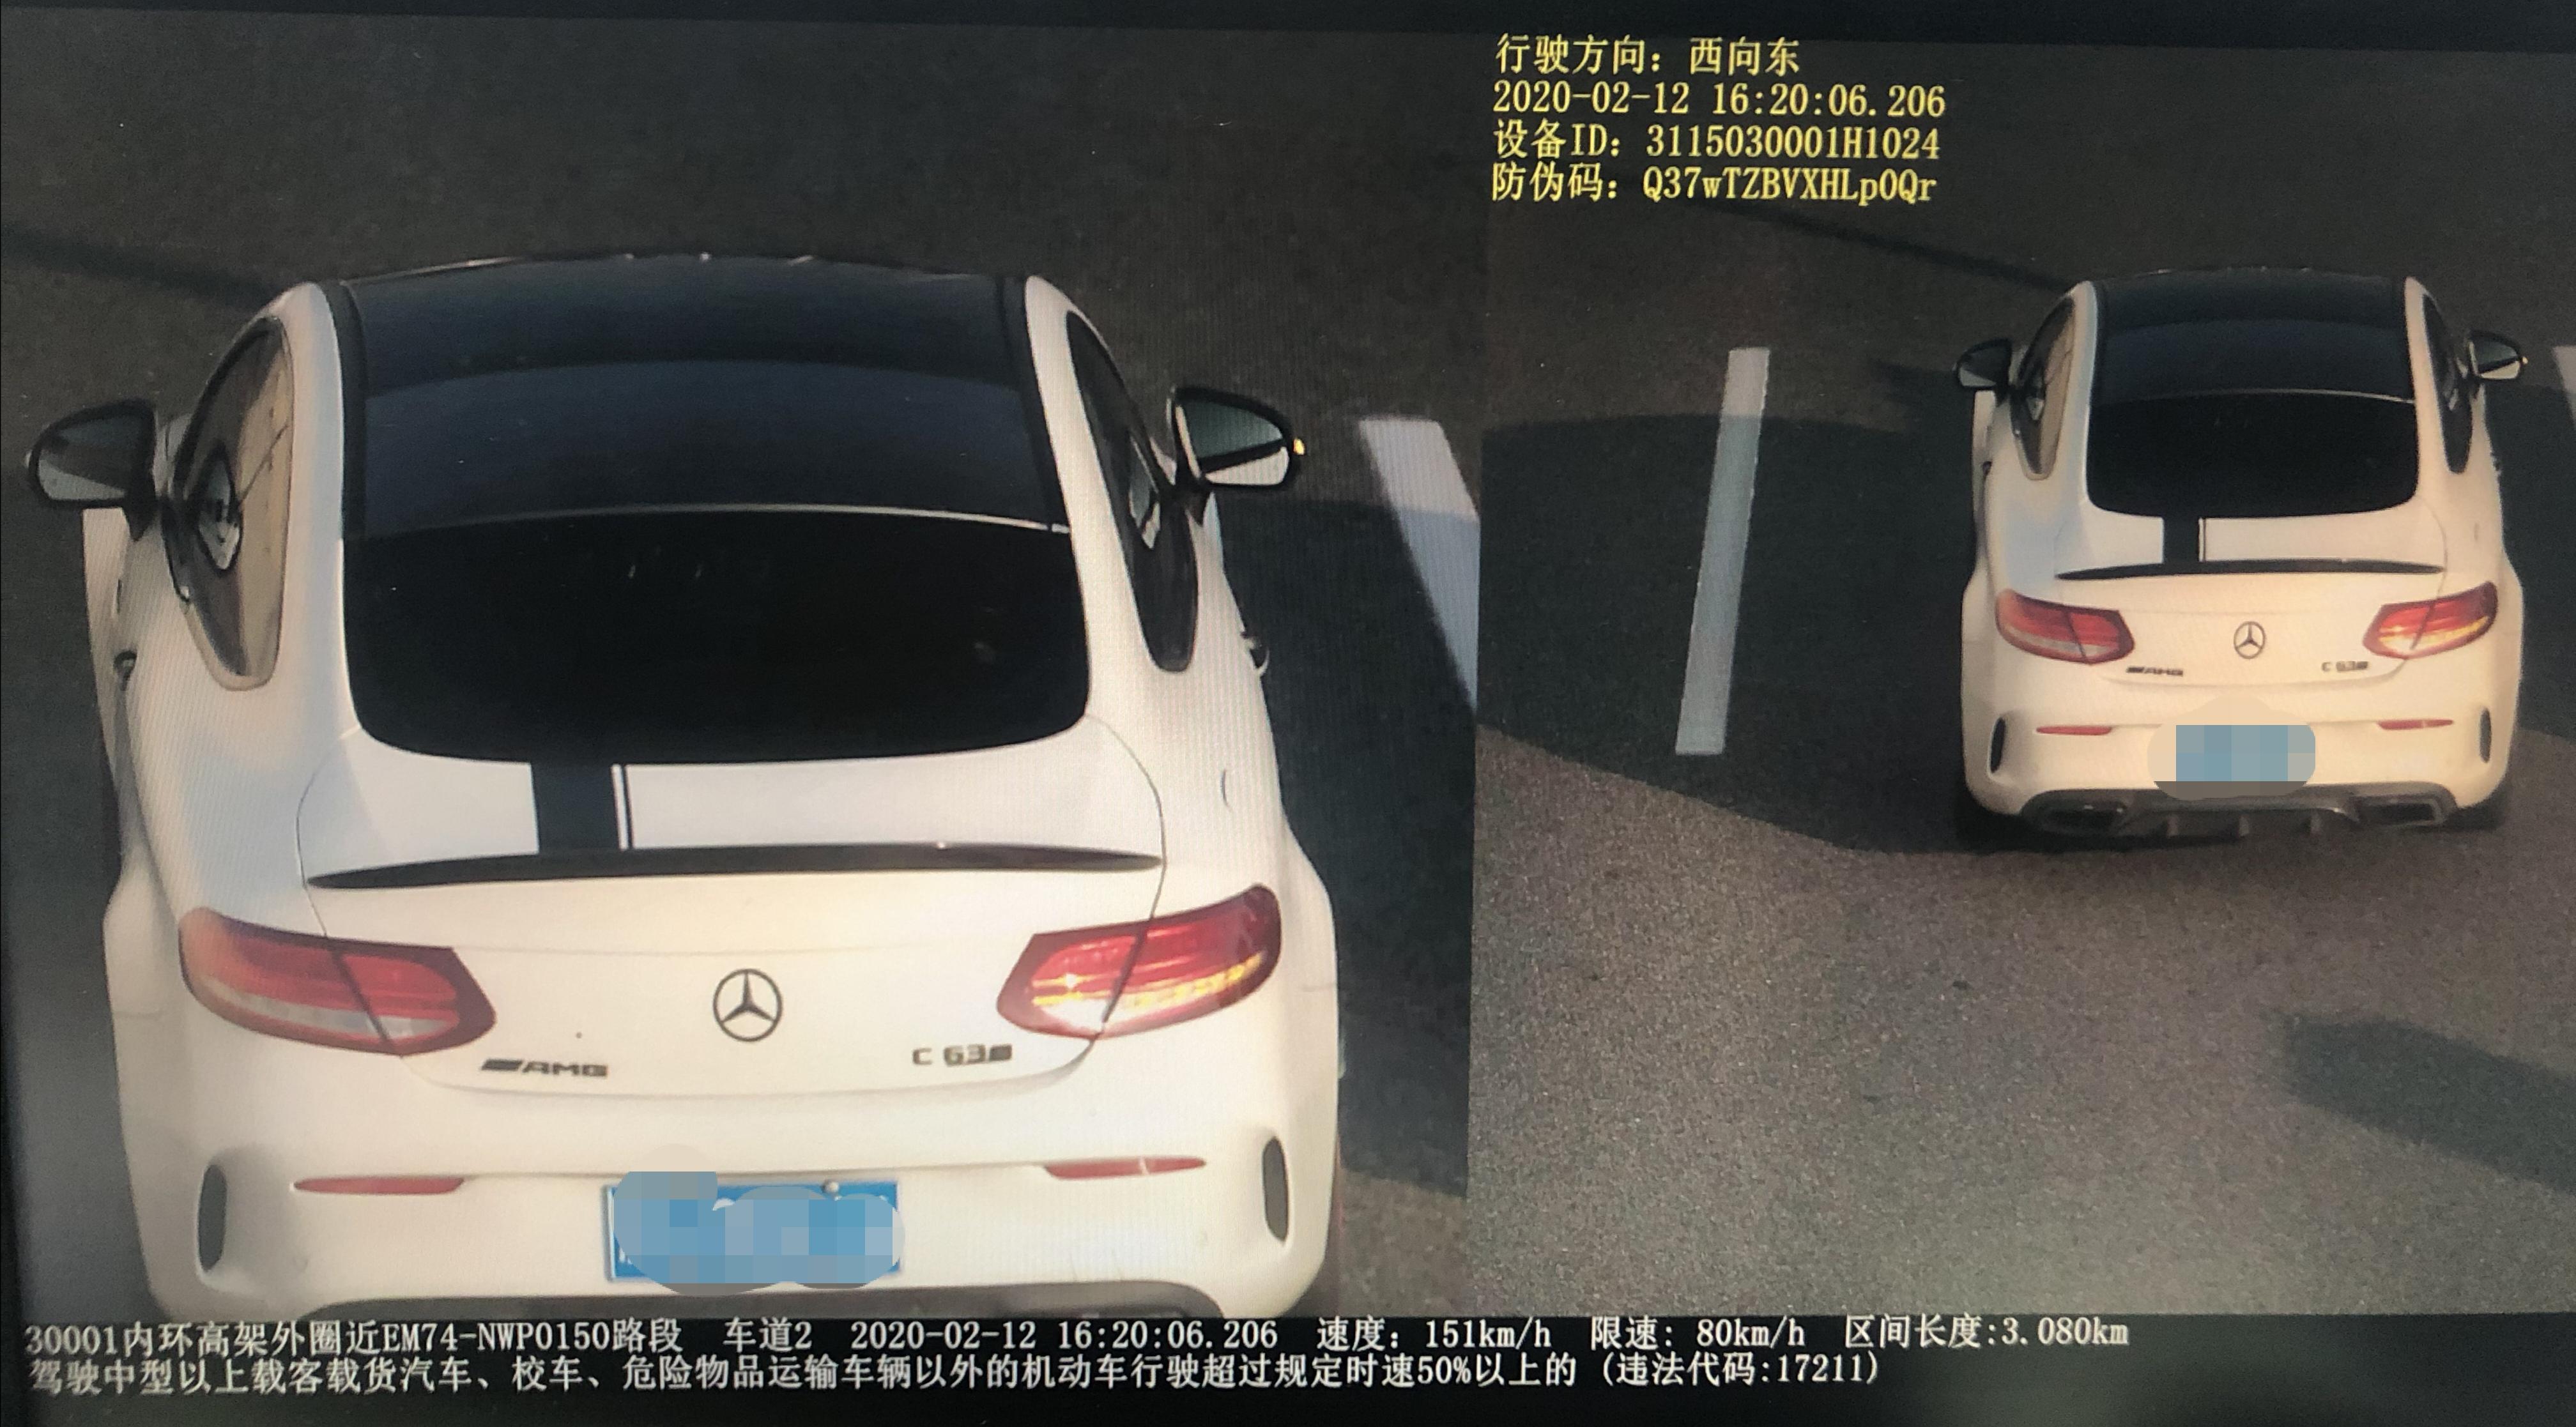 路况好开得快没注意?上海一奔驰车任性狂飙,时速151公里,还遮挡号